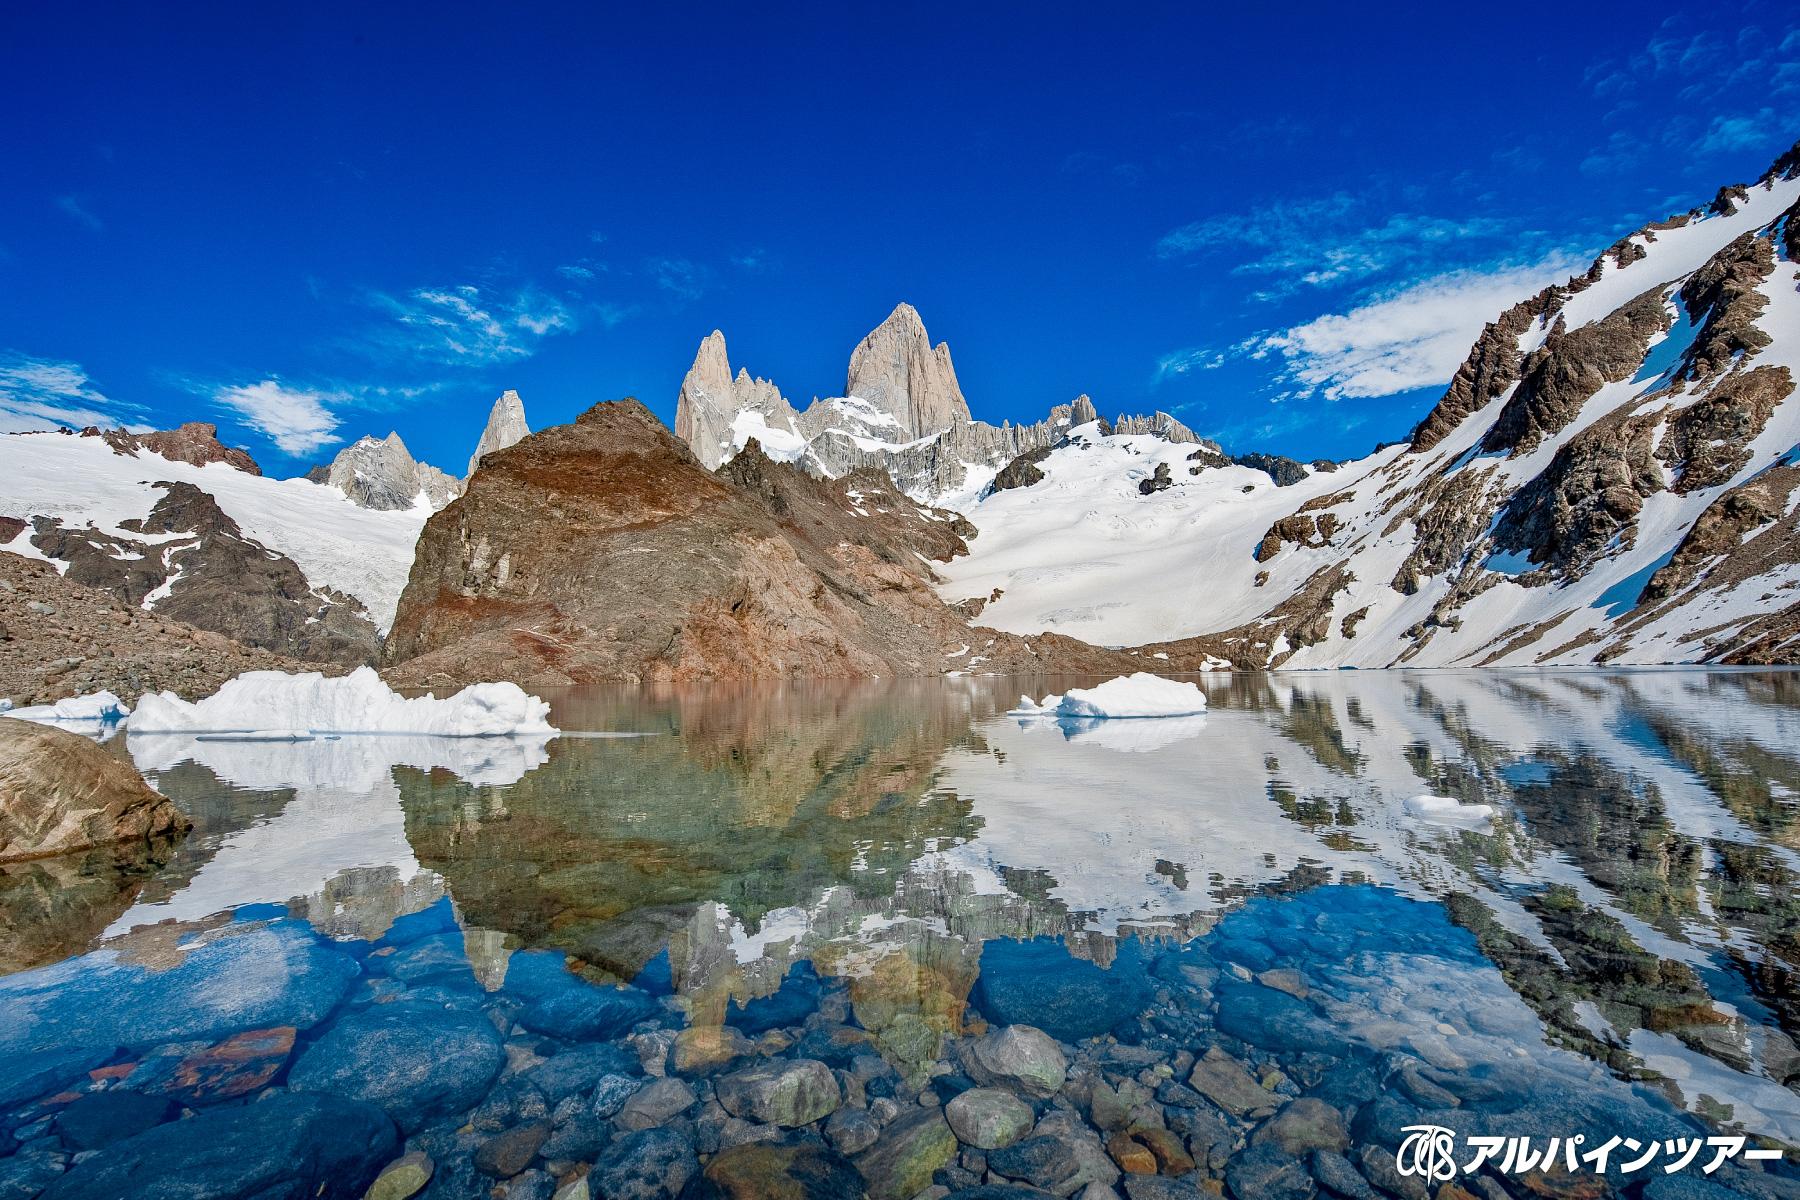 【今日の絶景】 ロストレス湖から望むフィッツロイ山群